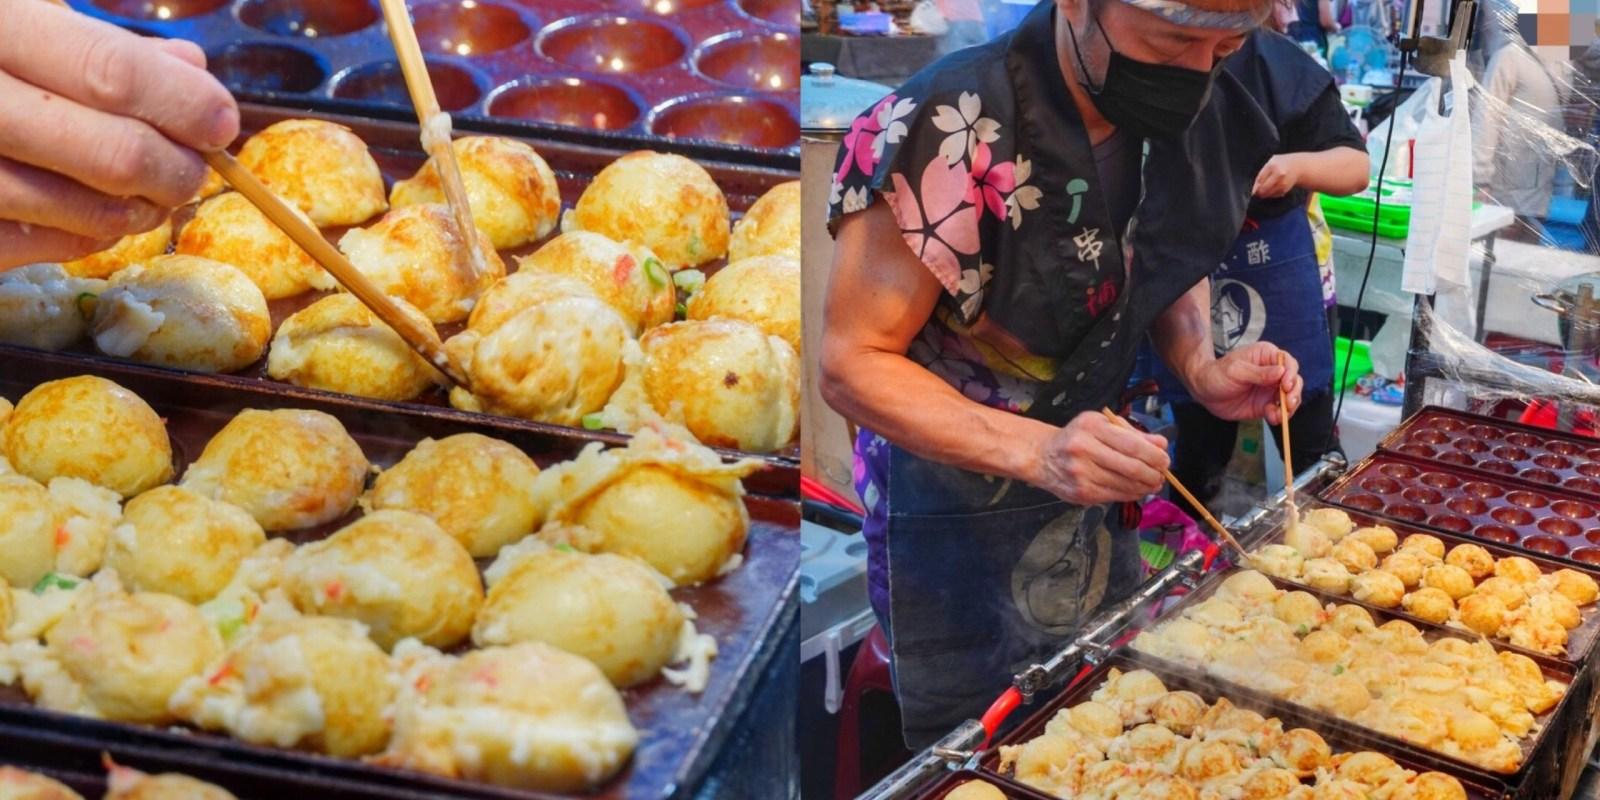 免出國在台南夜市【串博ふうりん章魚燒】就能吃到正宗日本大阪「爆漿章魚燒」日本職人精神|大東夜市